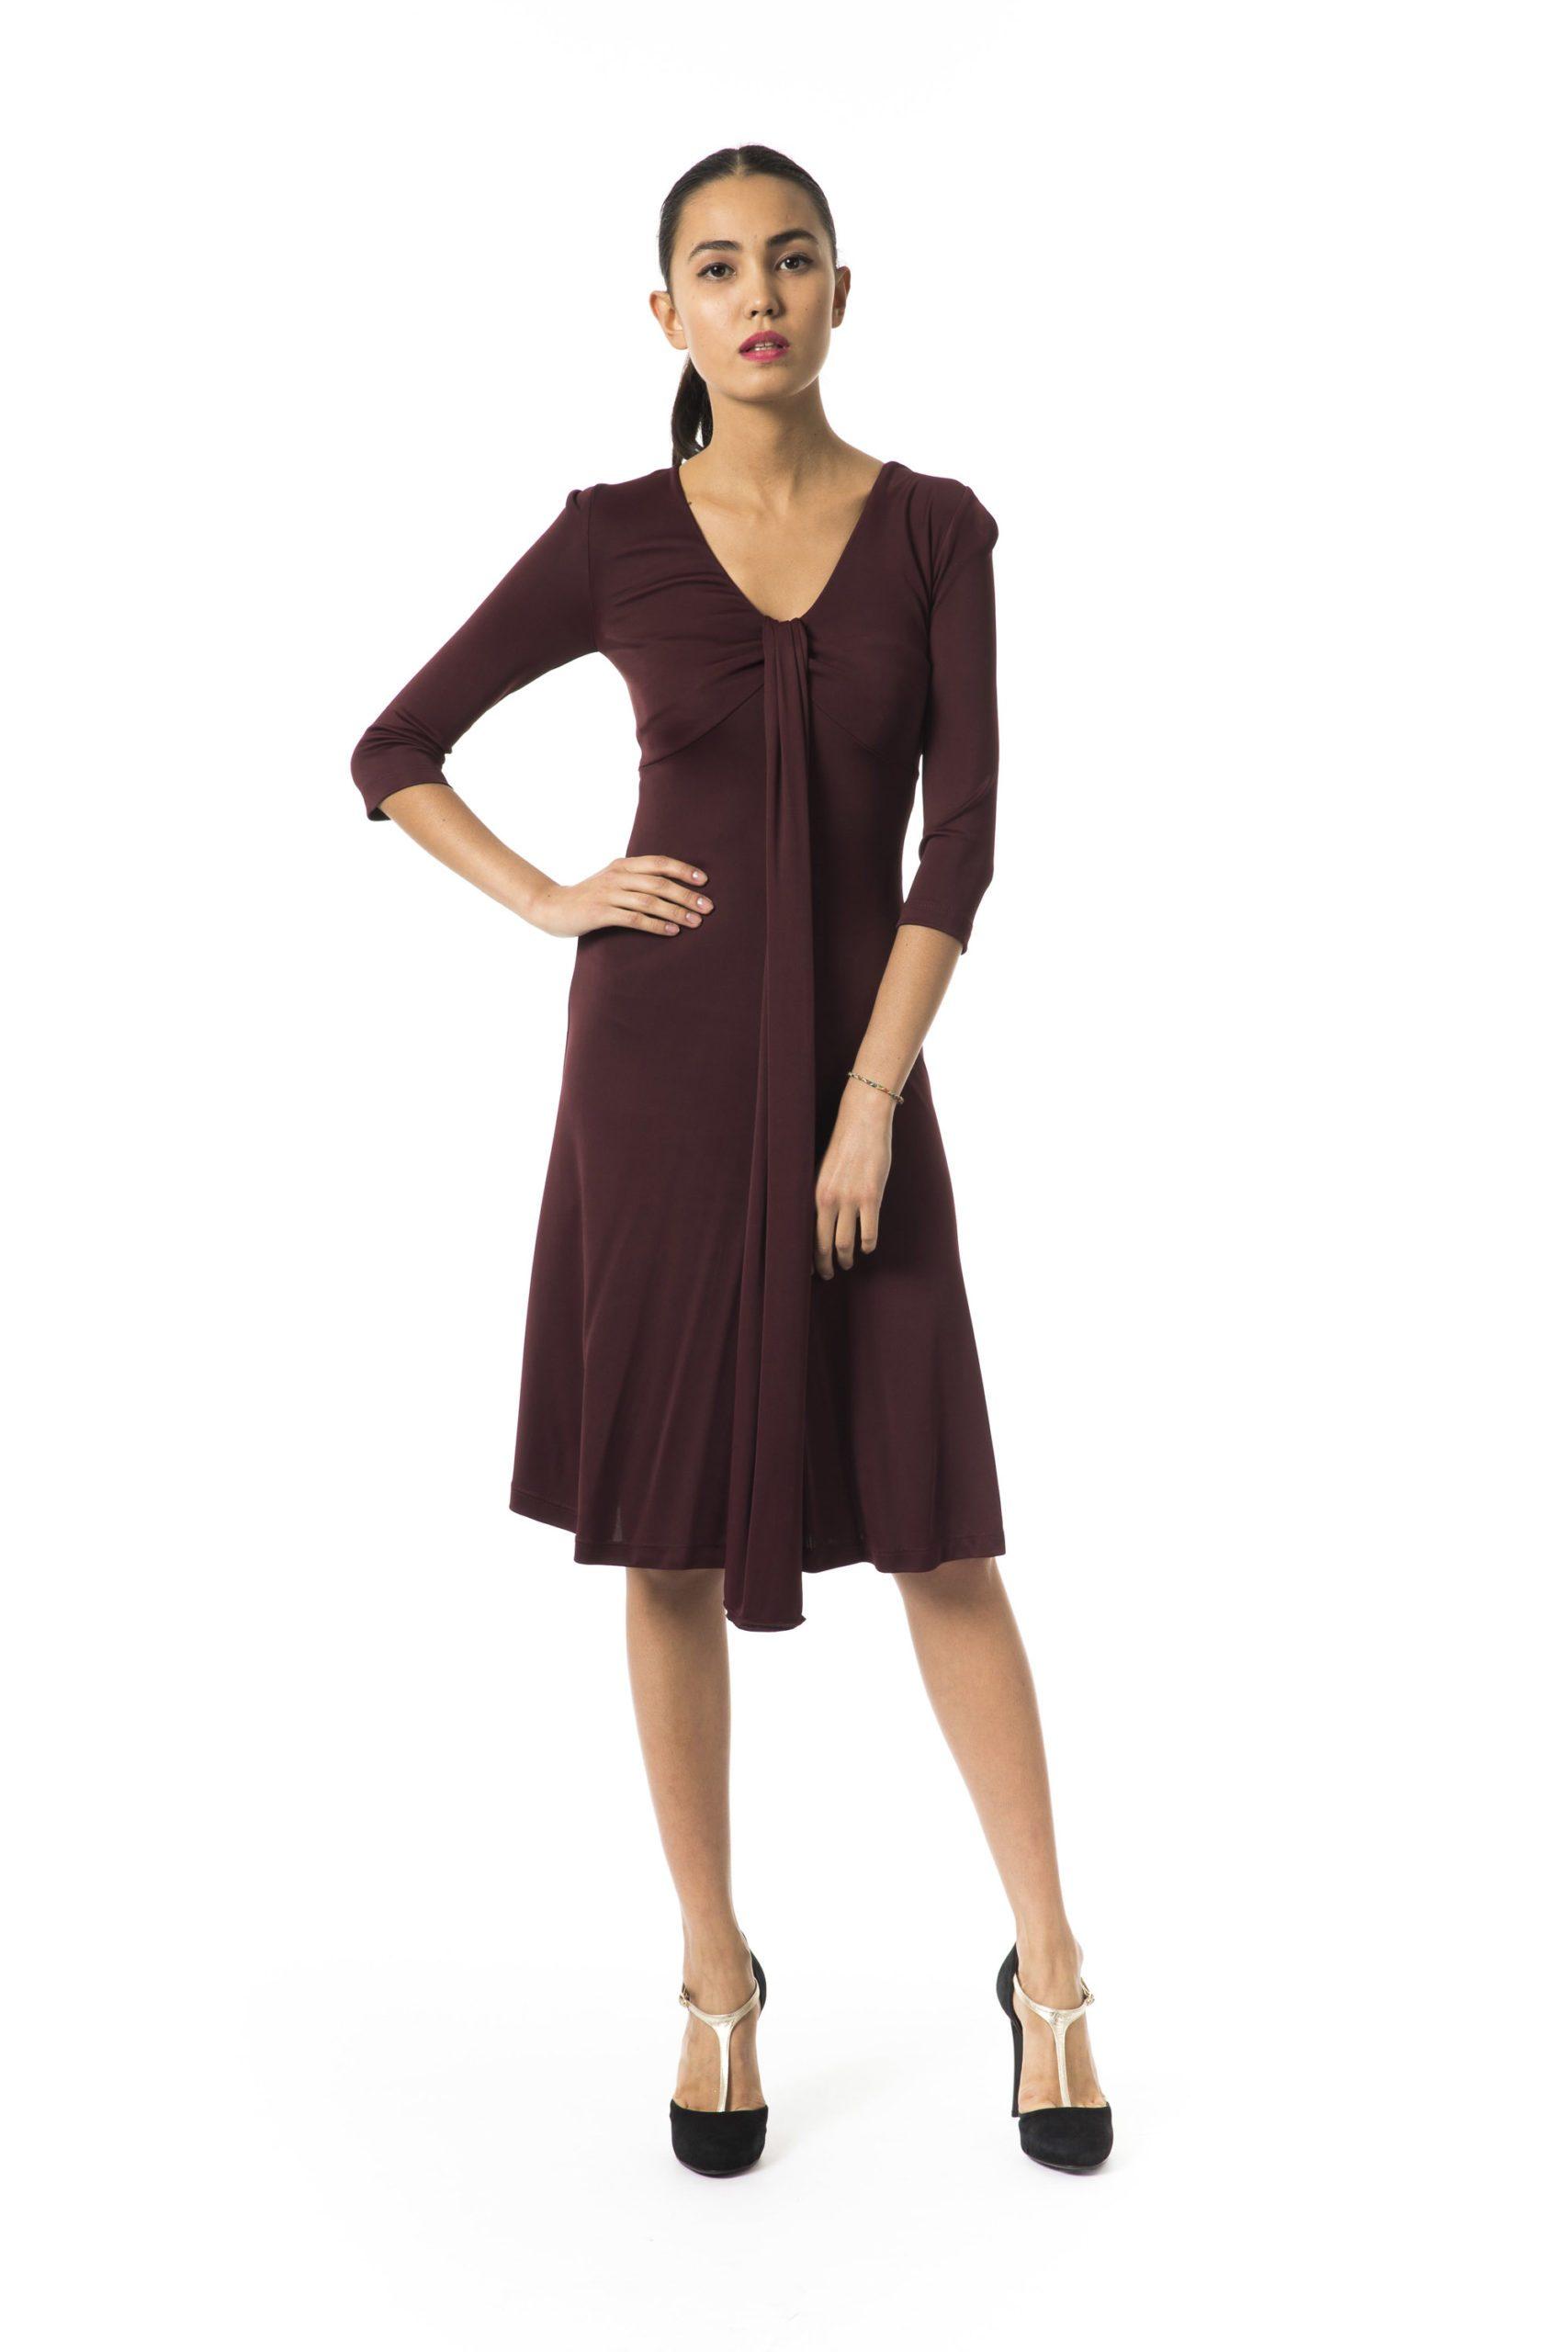 BYBLOS Women's Bordeauxscuro Dress Burgundy BY997140 - IT42 | S